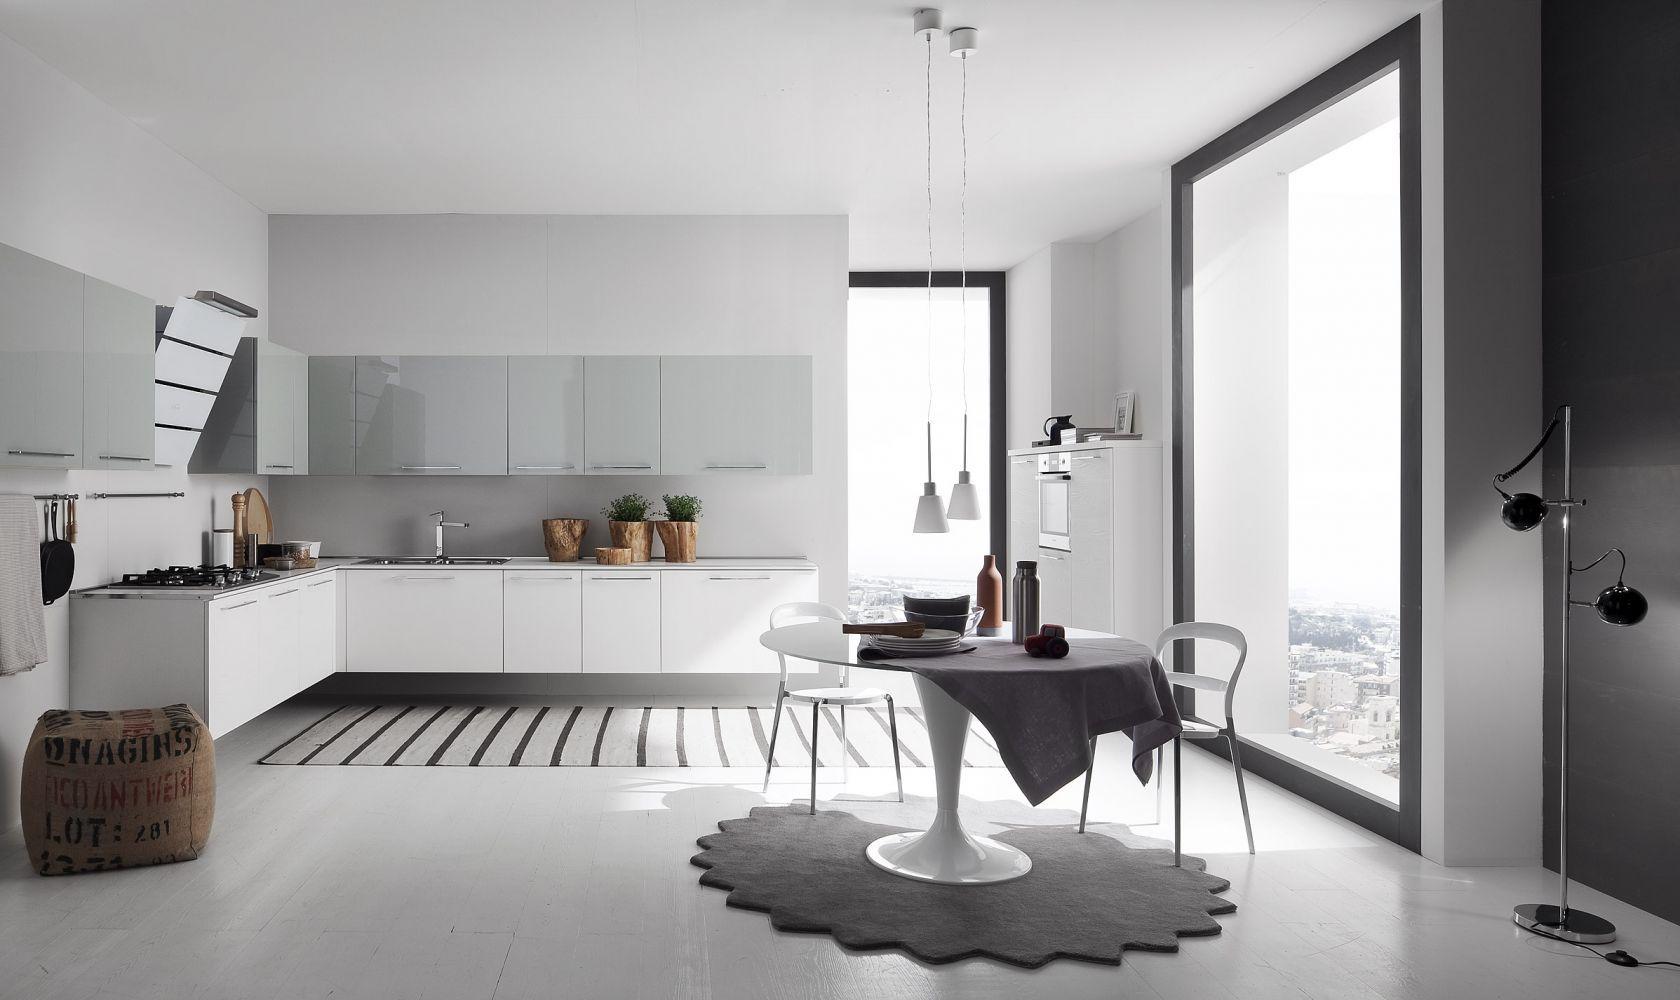 76+ Evaa Home Design Center Miami - EVAA Home Design Center Miami ...